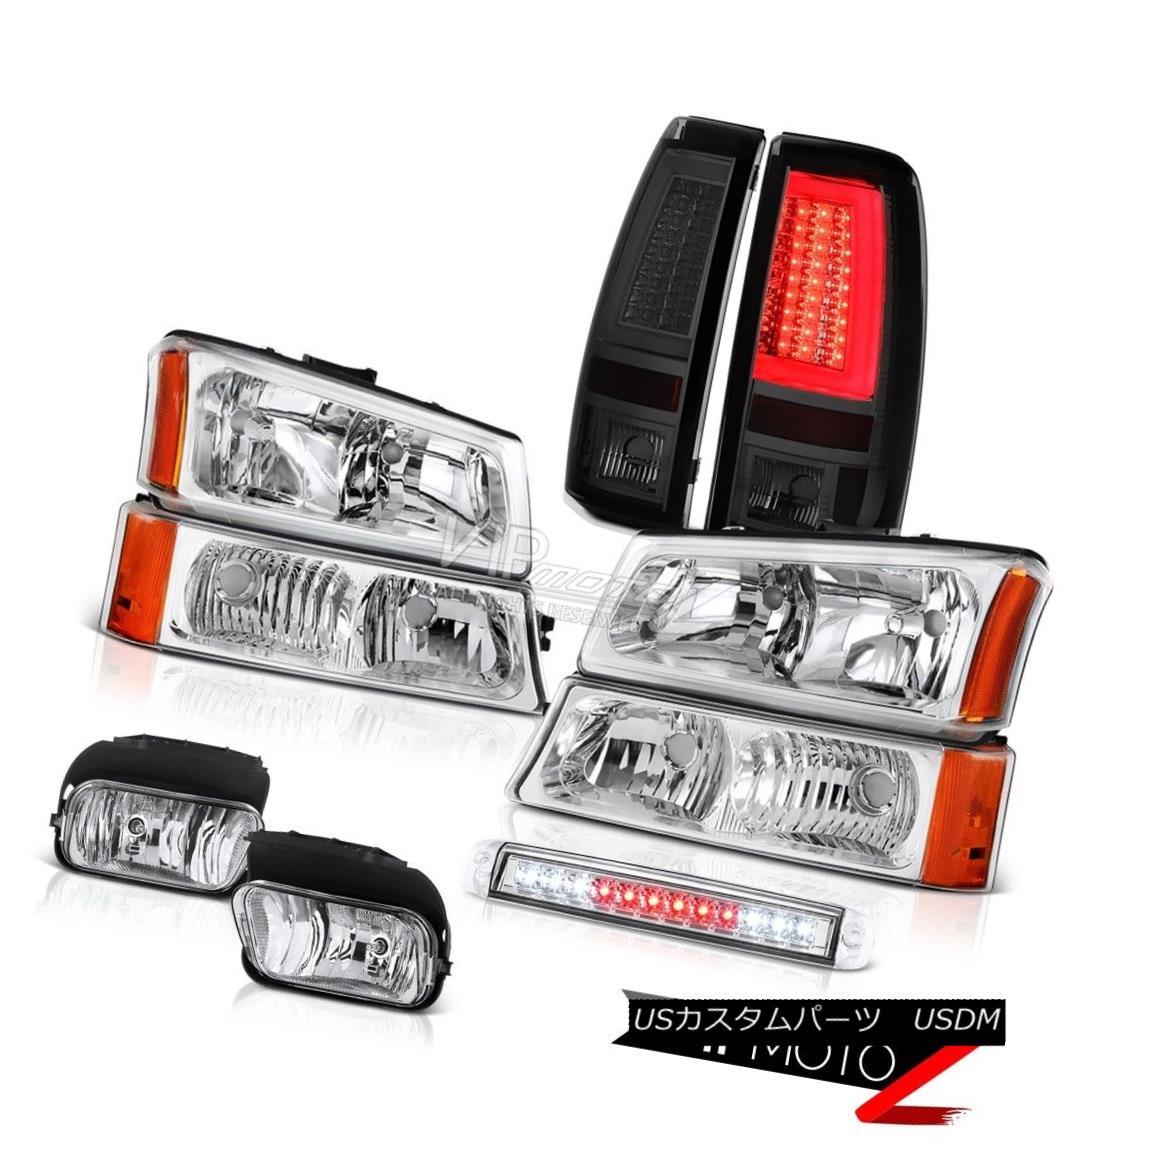 ヘッドライト 03 04 05 06 Silverado Tail Lights High Stop Lamp Headlights Foglights Tron Style 03 04 05 06シルバラードテールライトハイストップランプヘッドライトフォグライトトロンスタイル